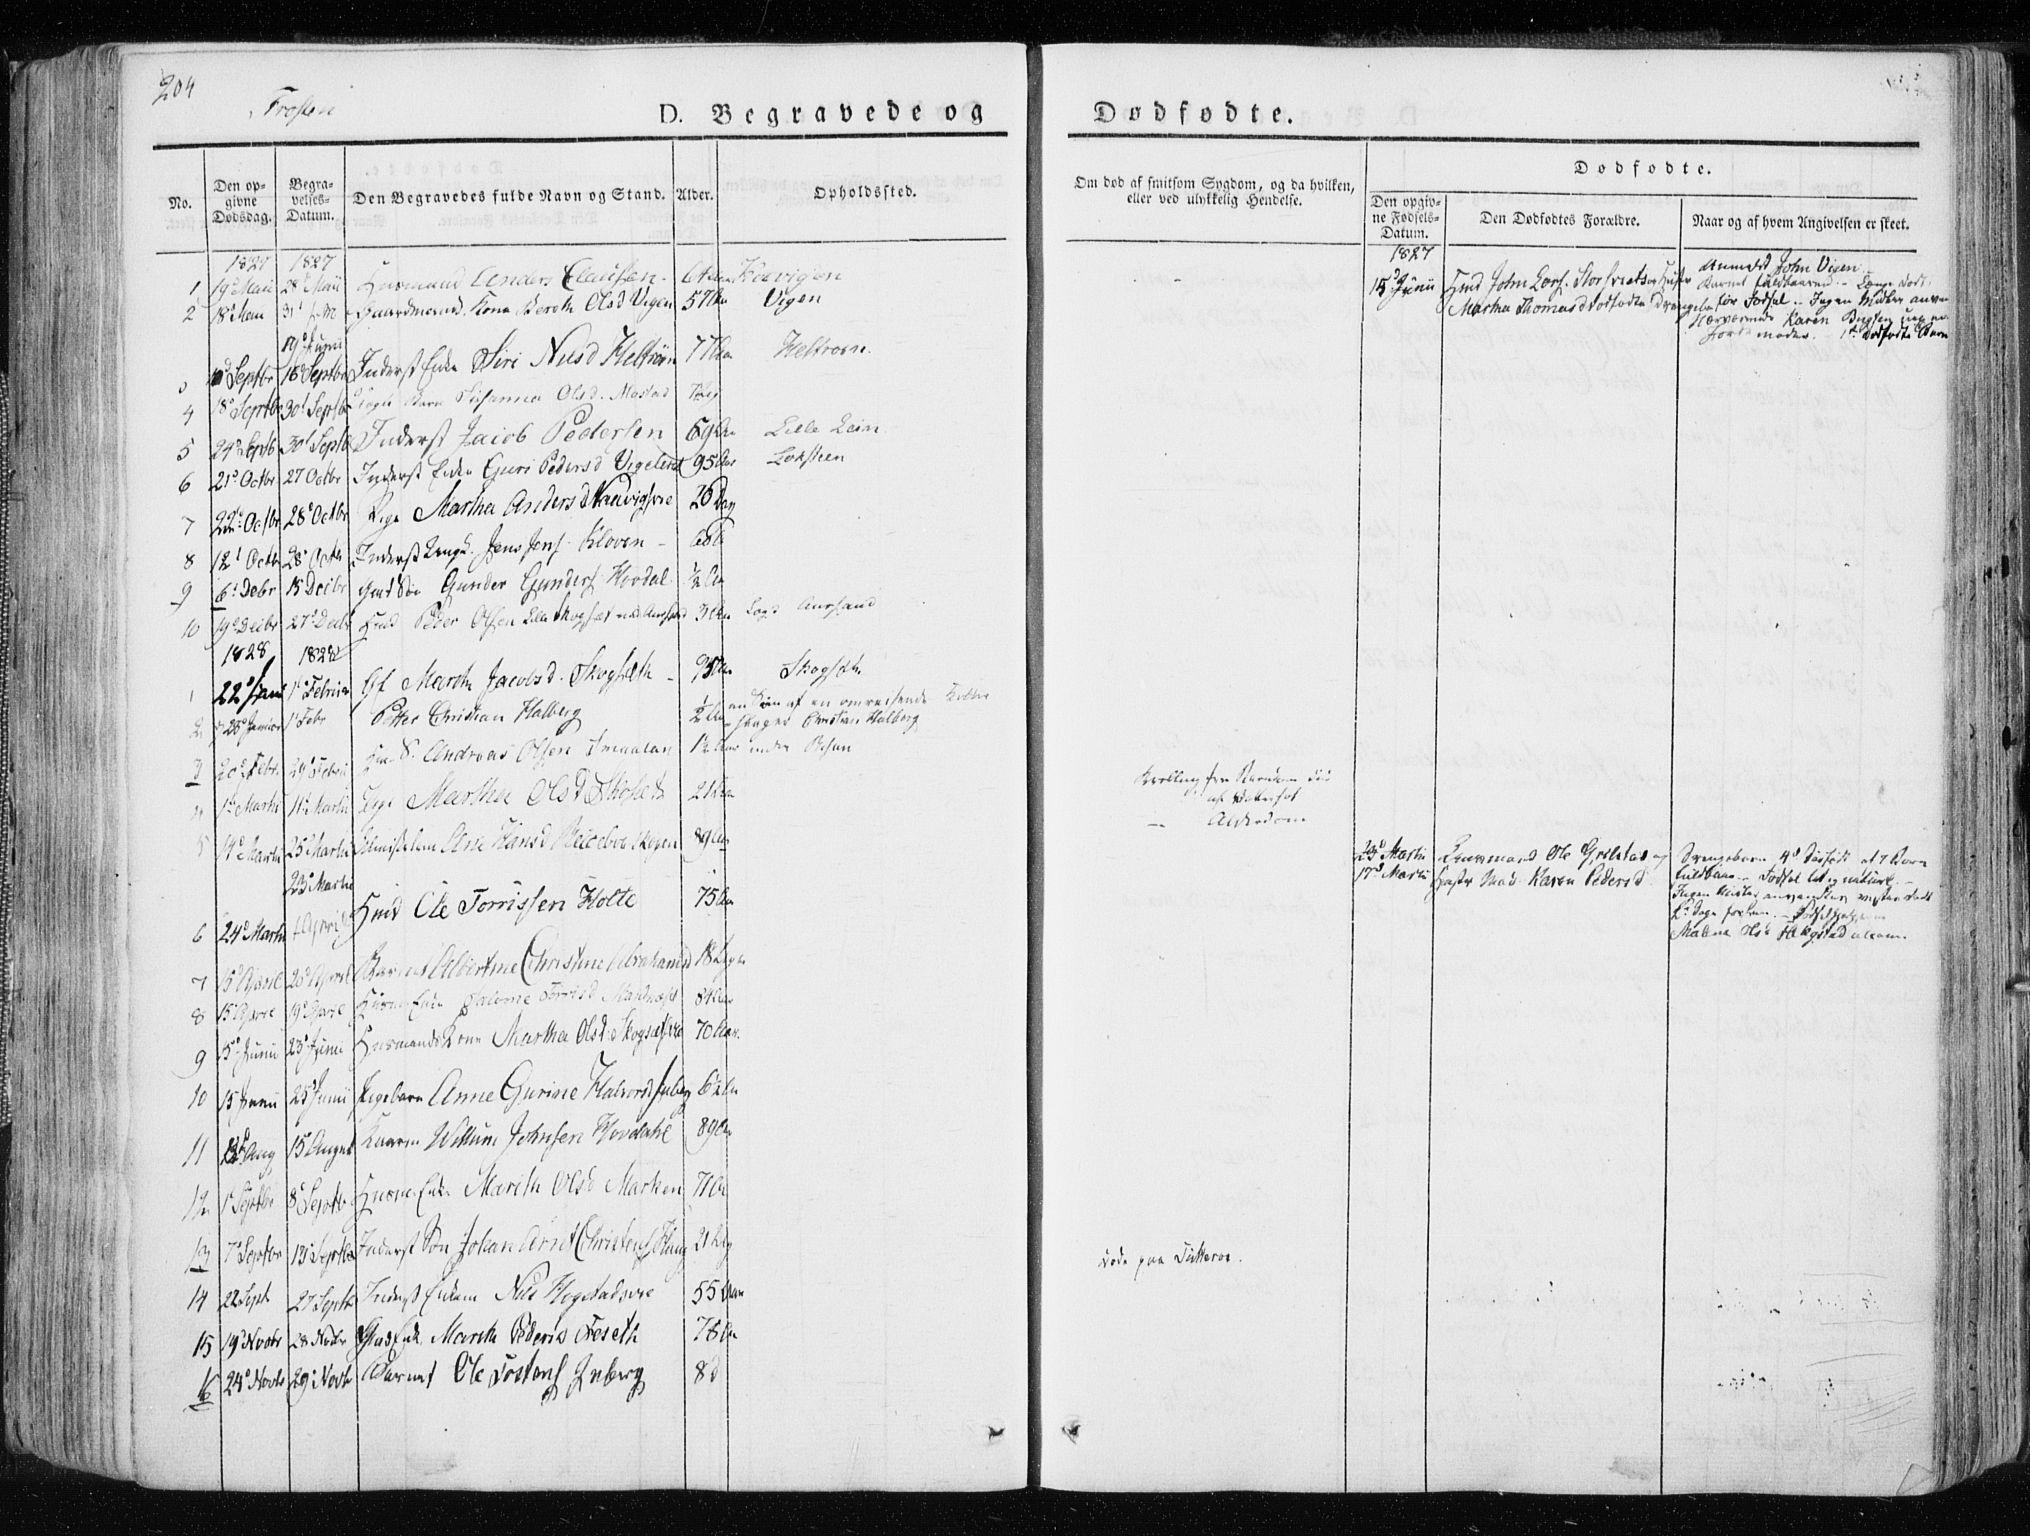 SAT, Ministerialprotokoller, klokkerbøker og fødselsregistre - Nord-Trøndelag, 713/L0114: Ministerialbok nr. 713A05, 1827-1839, s. 204